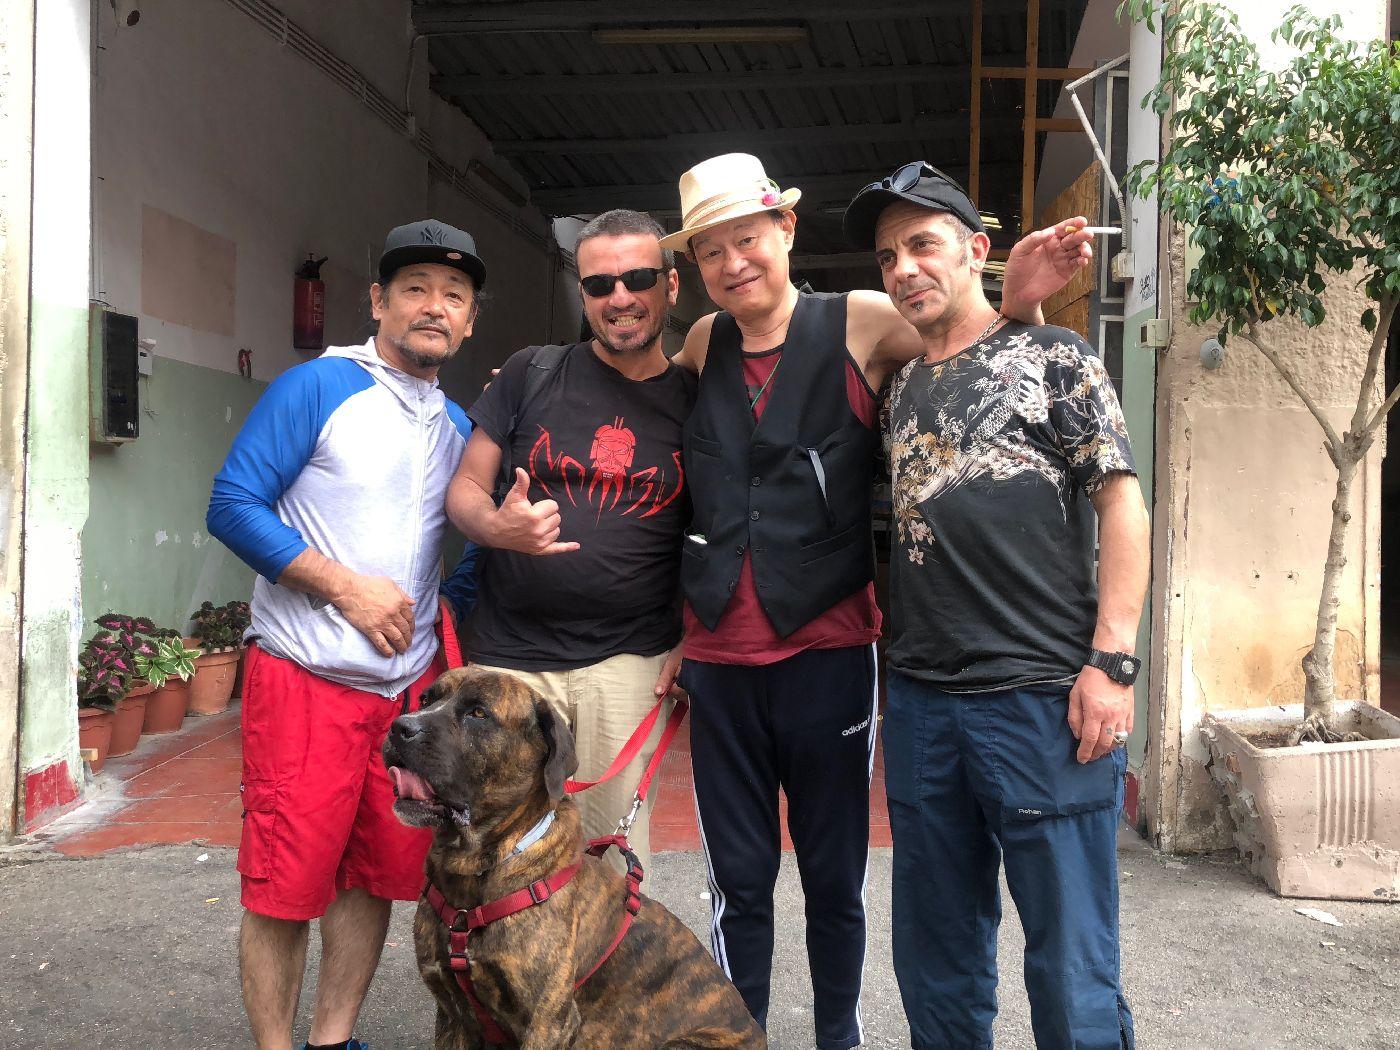 シチリアンミュージシャンのカルロ(左から2番目)とパレルモにて